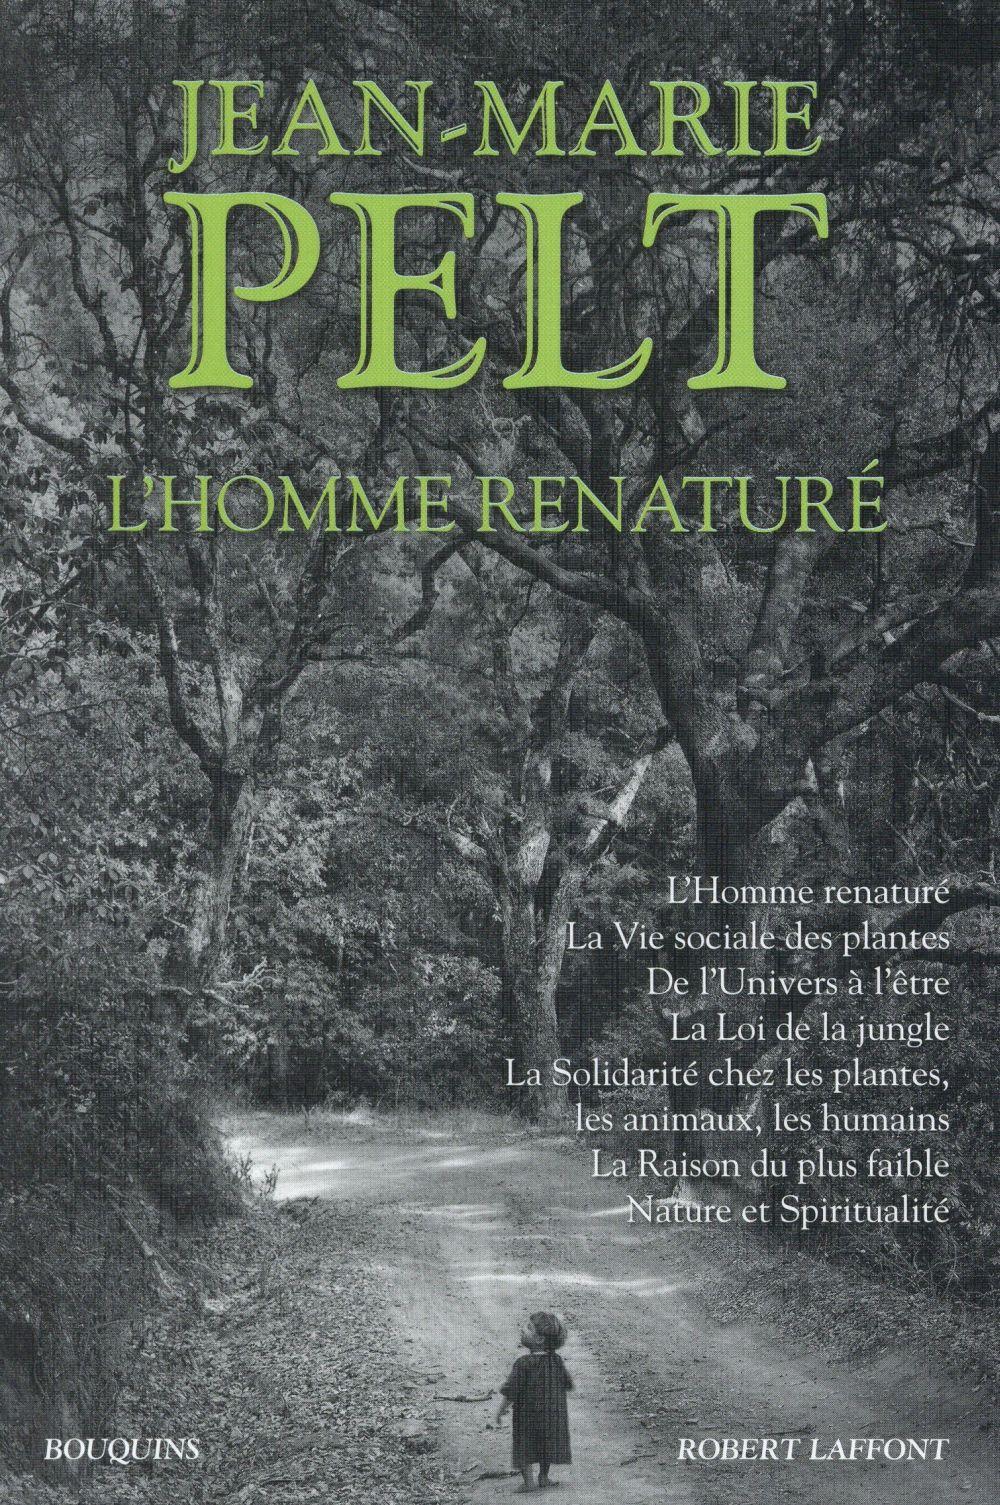 L'HOMME RENATURE